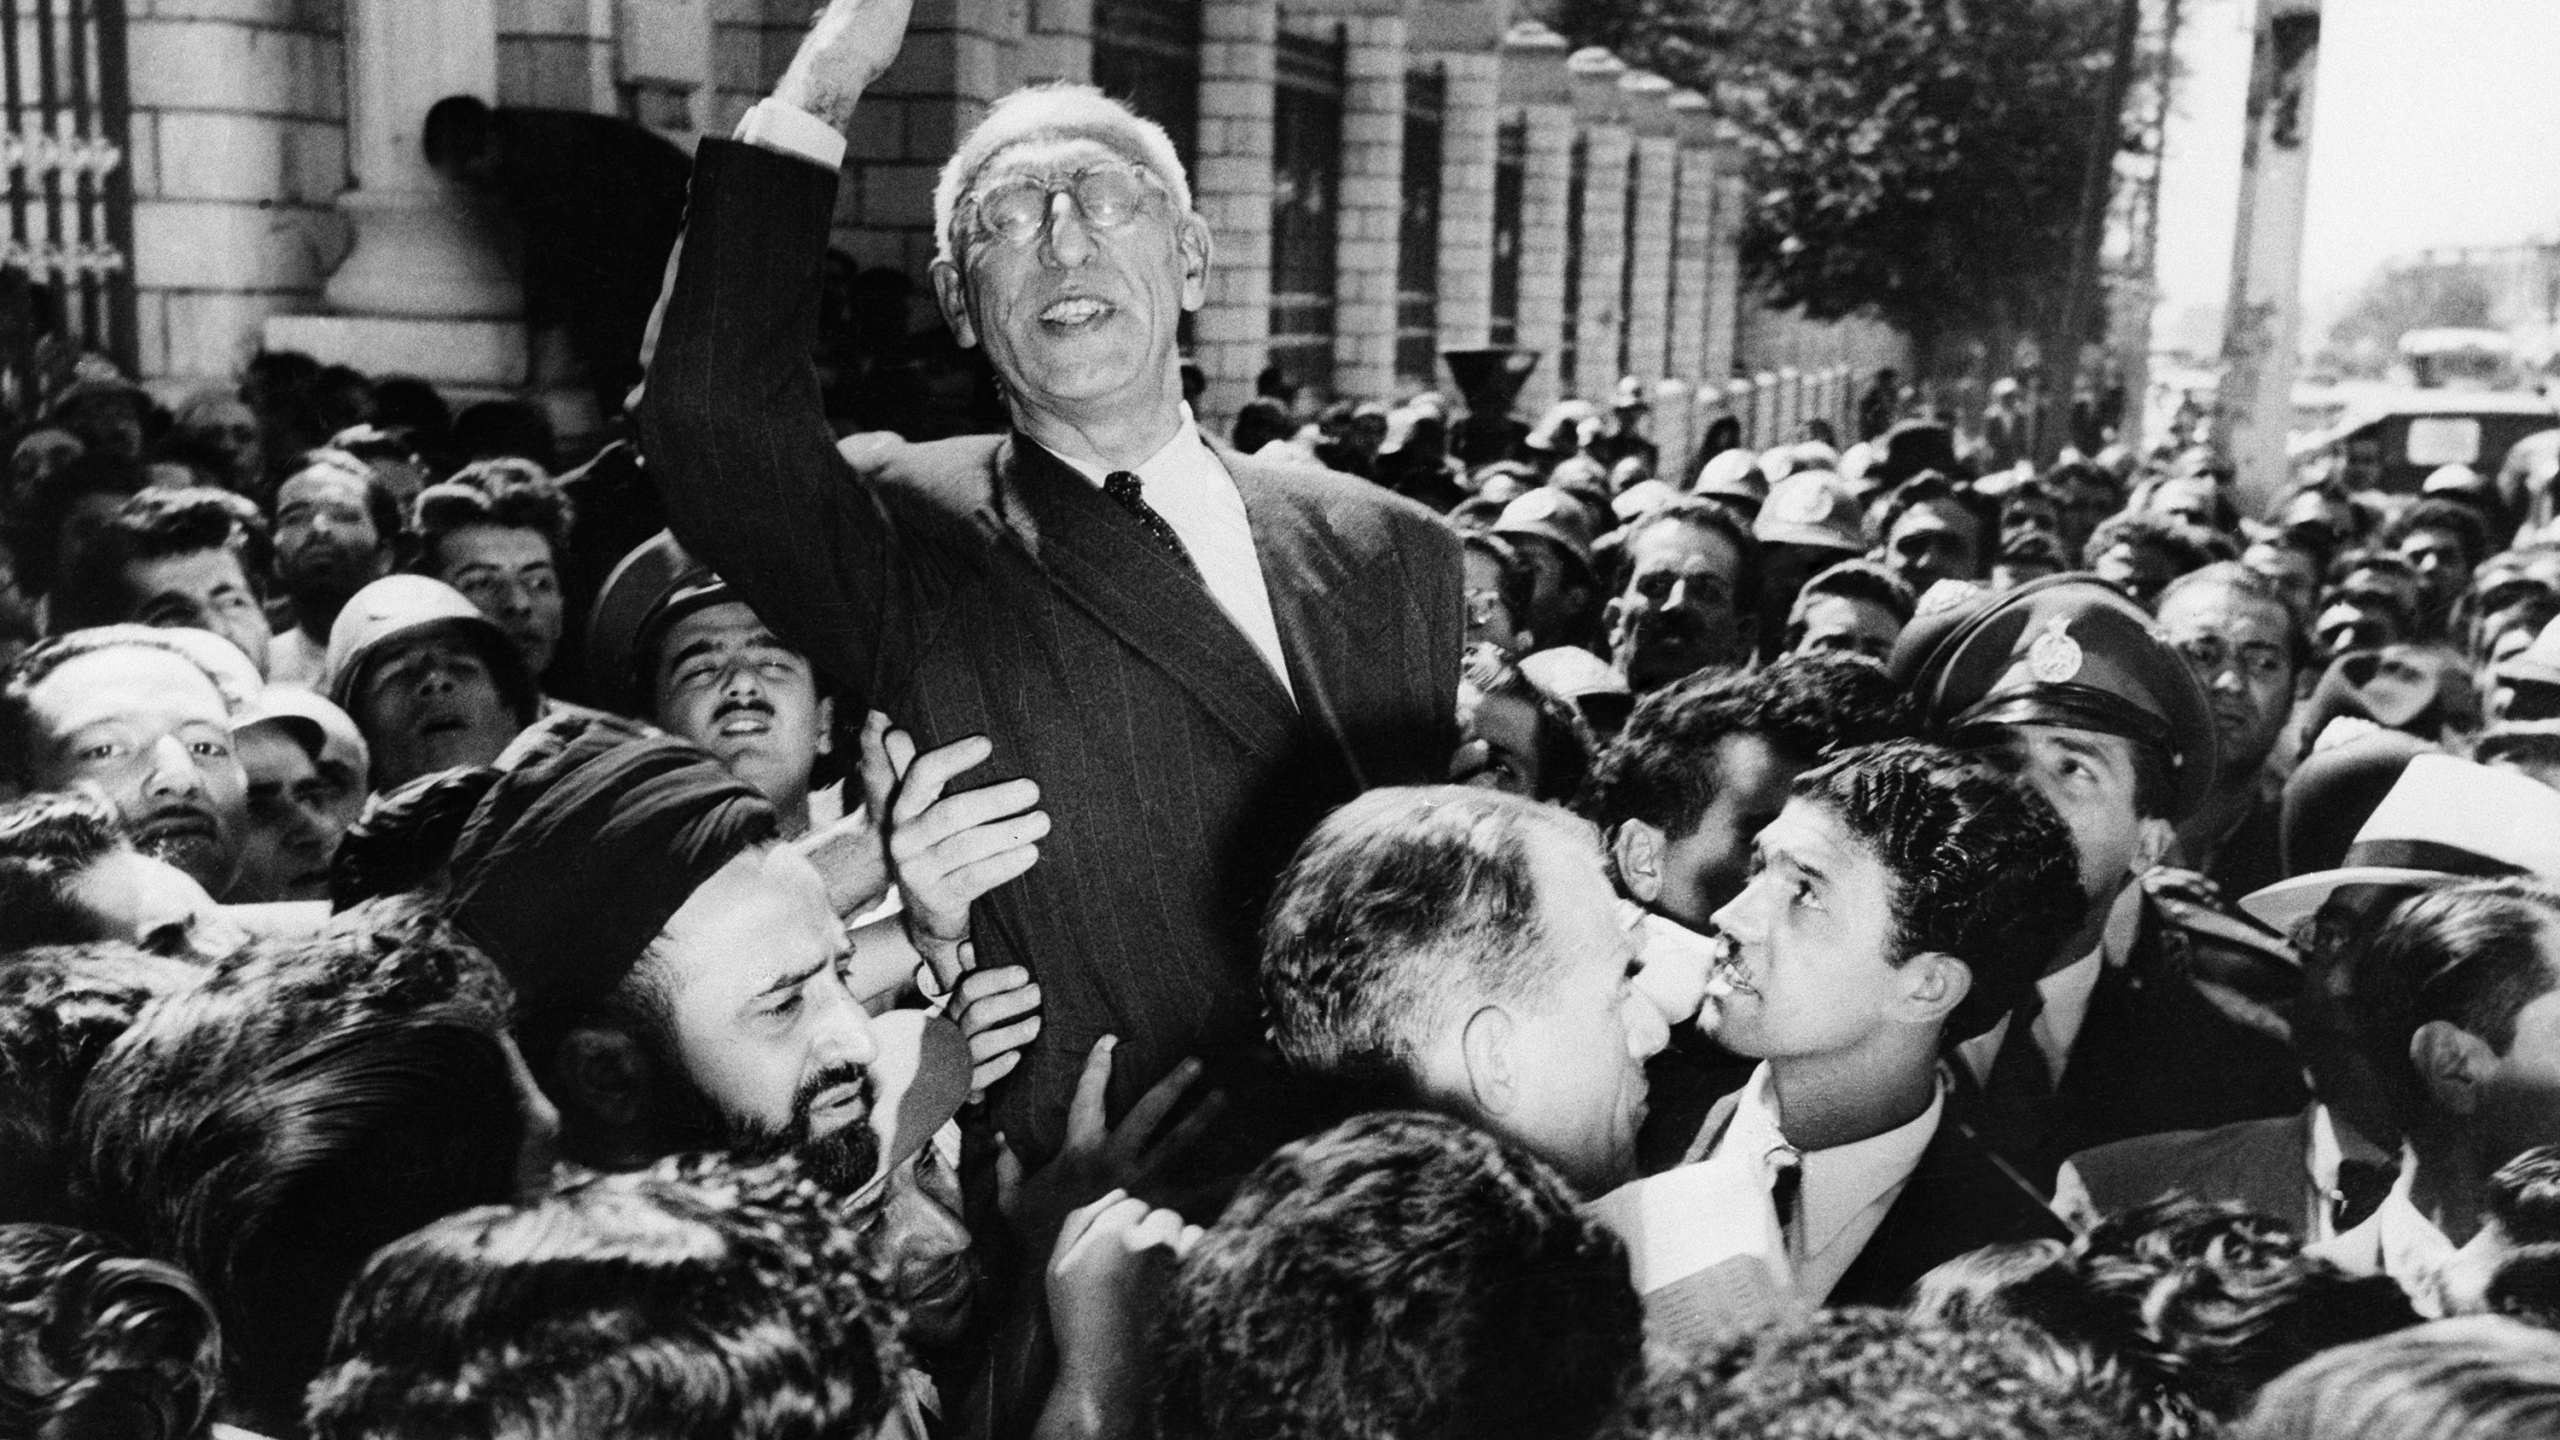 Mohammad Mossadegh, Mohammed Mossadegh